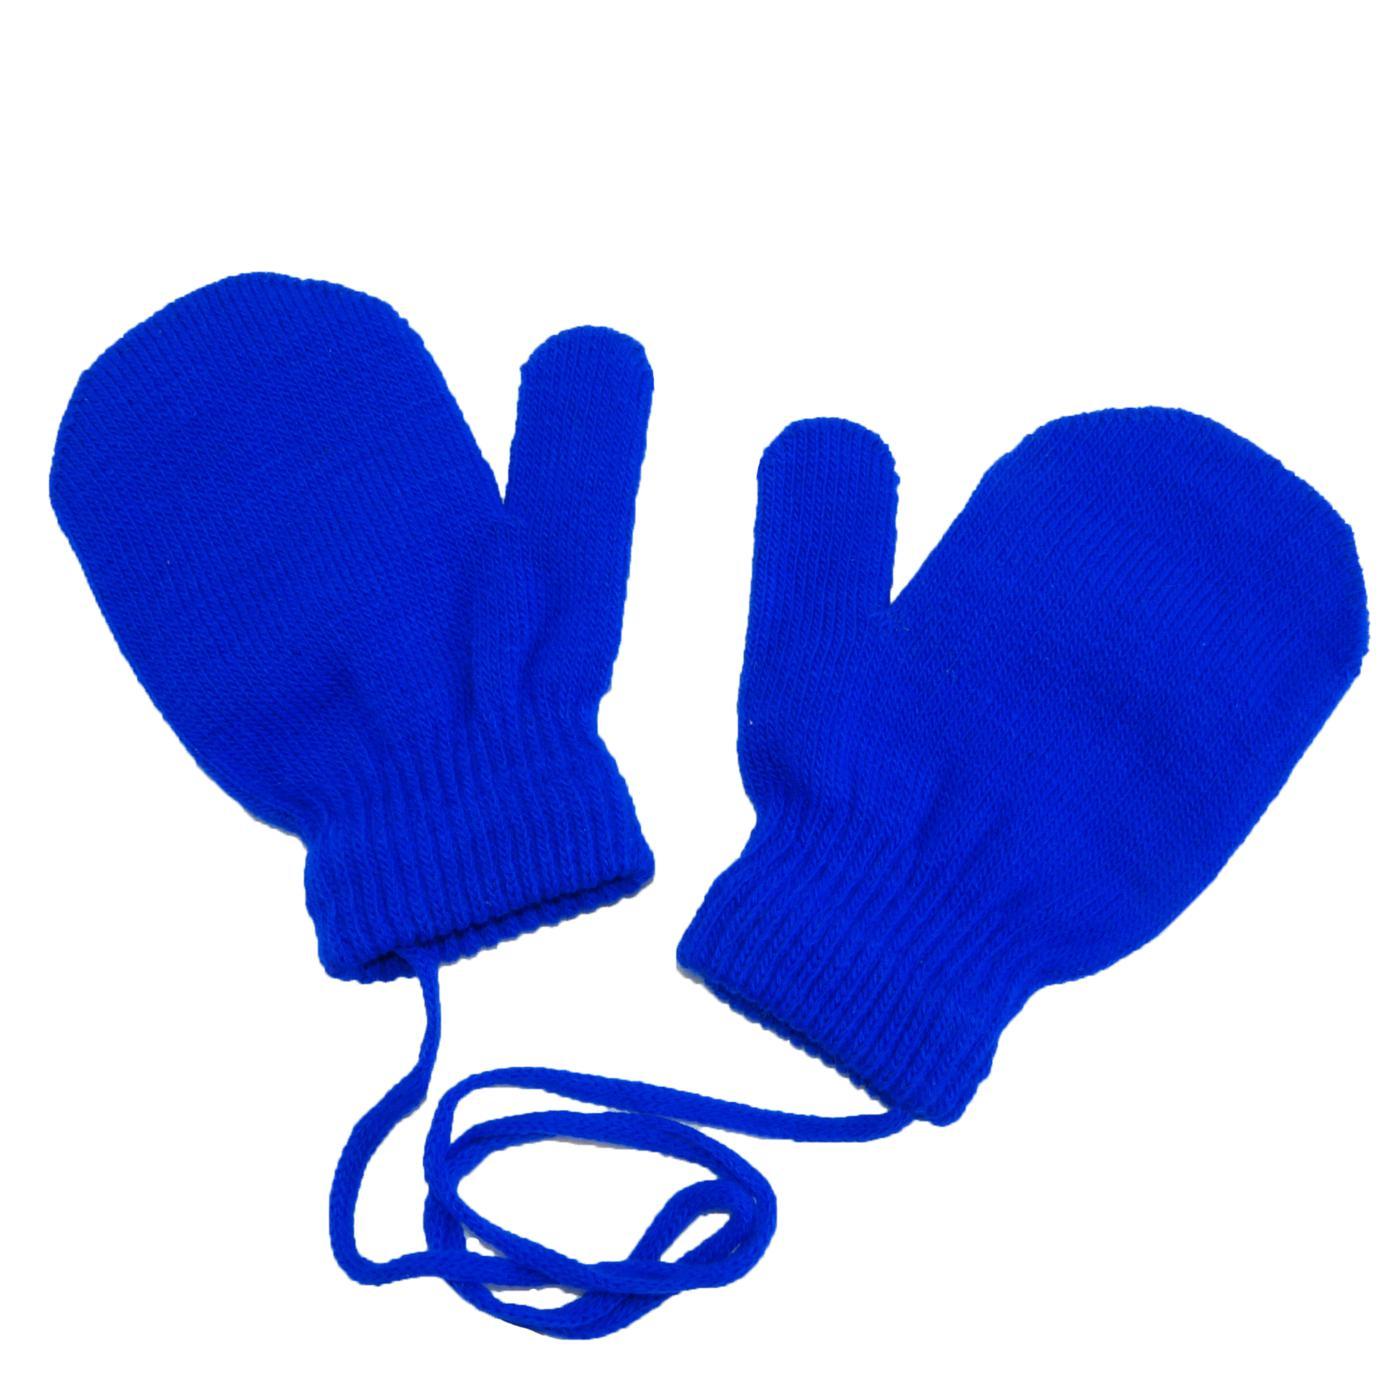 Gloves clipart blue glove. Winter free download best